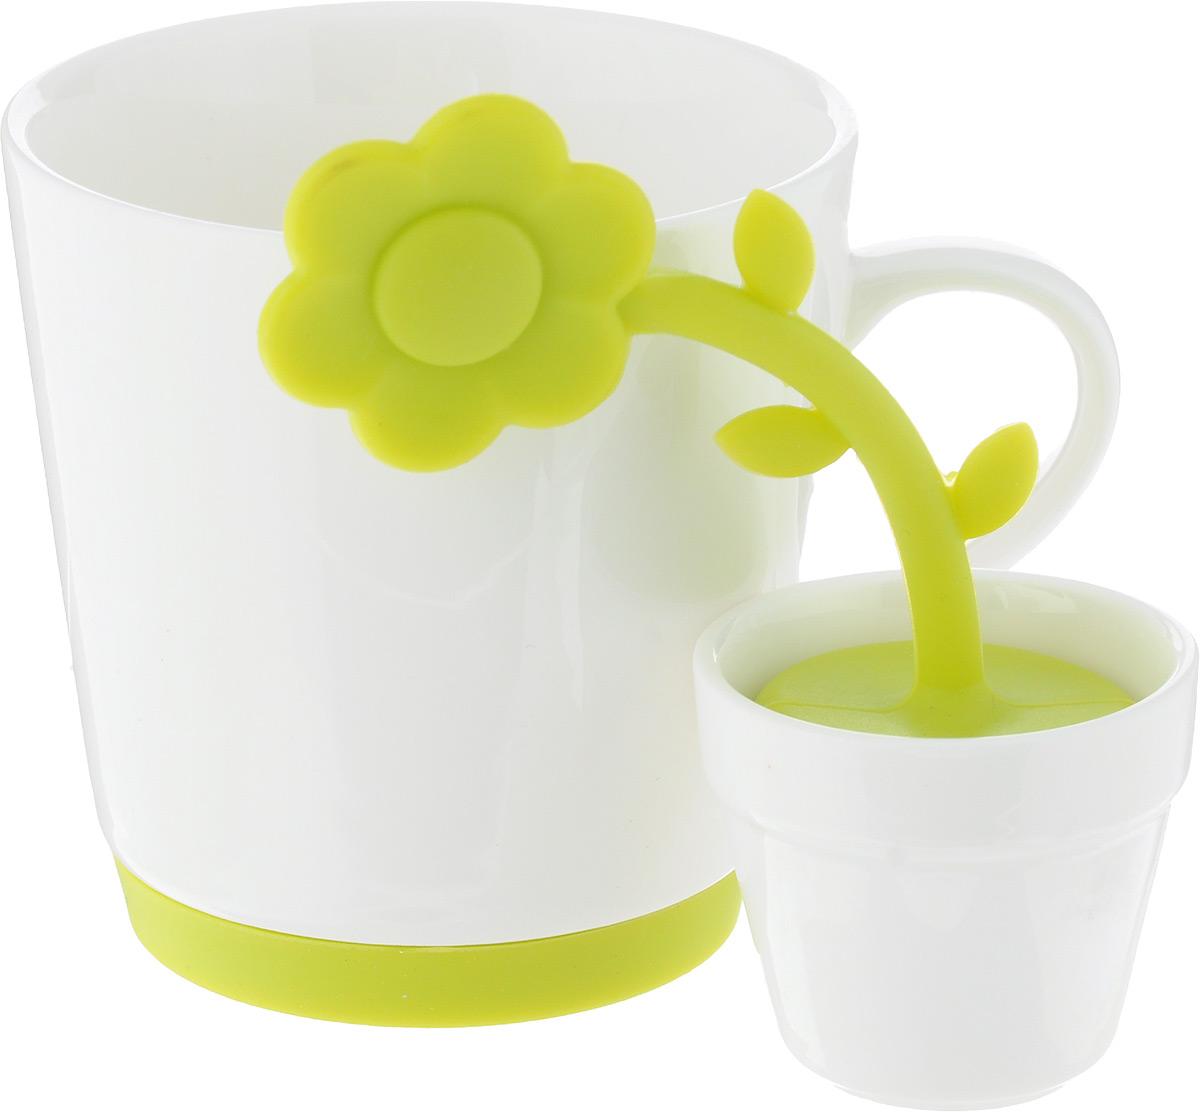 Набор для чая Oursson, 2 предметаVT-1520(SR)Набор для чая Oursson, состоящий из чашки и ситечка – «яркое» наслаждение любимым напитком! Как приятно пить чай из красивой и необычной чашки. Ведь оригинальная посуда никого не оставит равнодушным и поднимет настроение.Чашка изготовлена из керамики. Керамика хорошо распределяет тепло и выдерживает высокие температуры, а цветная силиконовая вставка на дне кружки не позволит ей скользить по столу.Яркое ситечко для заваривания чая, изготовленное из высококачественногопищевого силикона, поможет быстро и вкусно заварить чашку натурального чая. Ситечко выполнено в виде цветка, и имеет подставку в виде горшка изготовленного из керамики.Просто наполните цветок заваркой и погрузите в чашку, через несколько минут выполучите вкусный ароматный чай.Такой необычный набор разнообразит привычное чаепитие, порадует гостей. Обычное заваривание чая превратится в увлекательный процесс.Диаметр кружки (по верхнему краю): 8,3 см, Высота стенки кружки: 8,5 см, Объем чашки: 250 мл, Размер ситечка: 4 х 4 х 12 см, Диаметр подставки для ситечка (по верхнему краю): 4,8 см, Высота подставки для ситечка: 4,3 см.